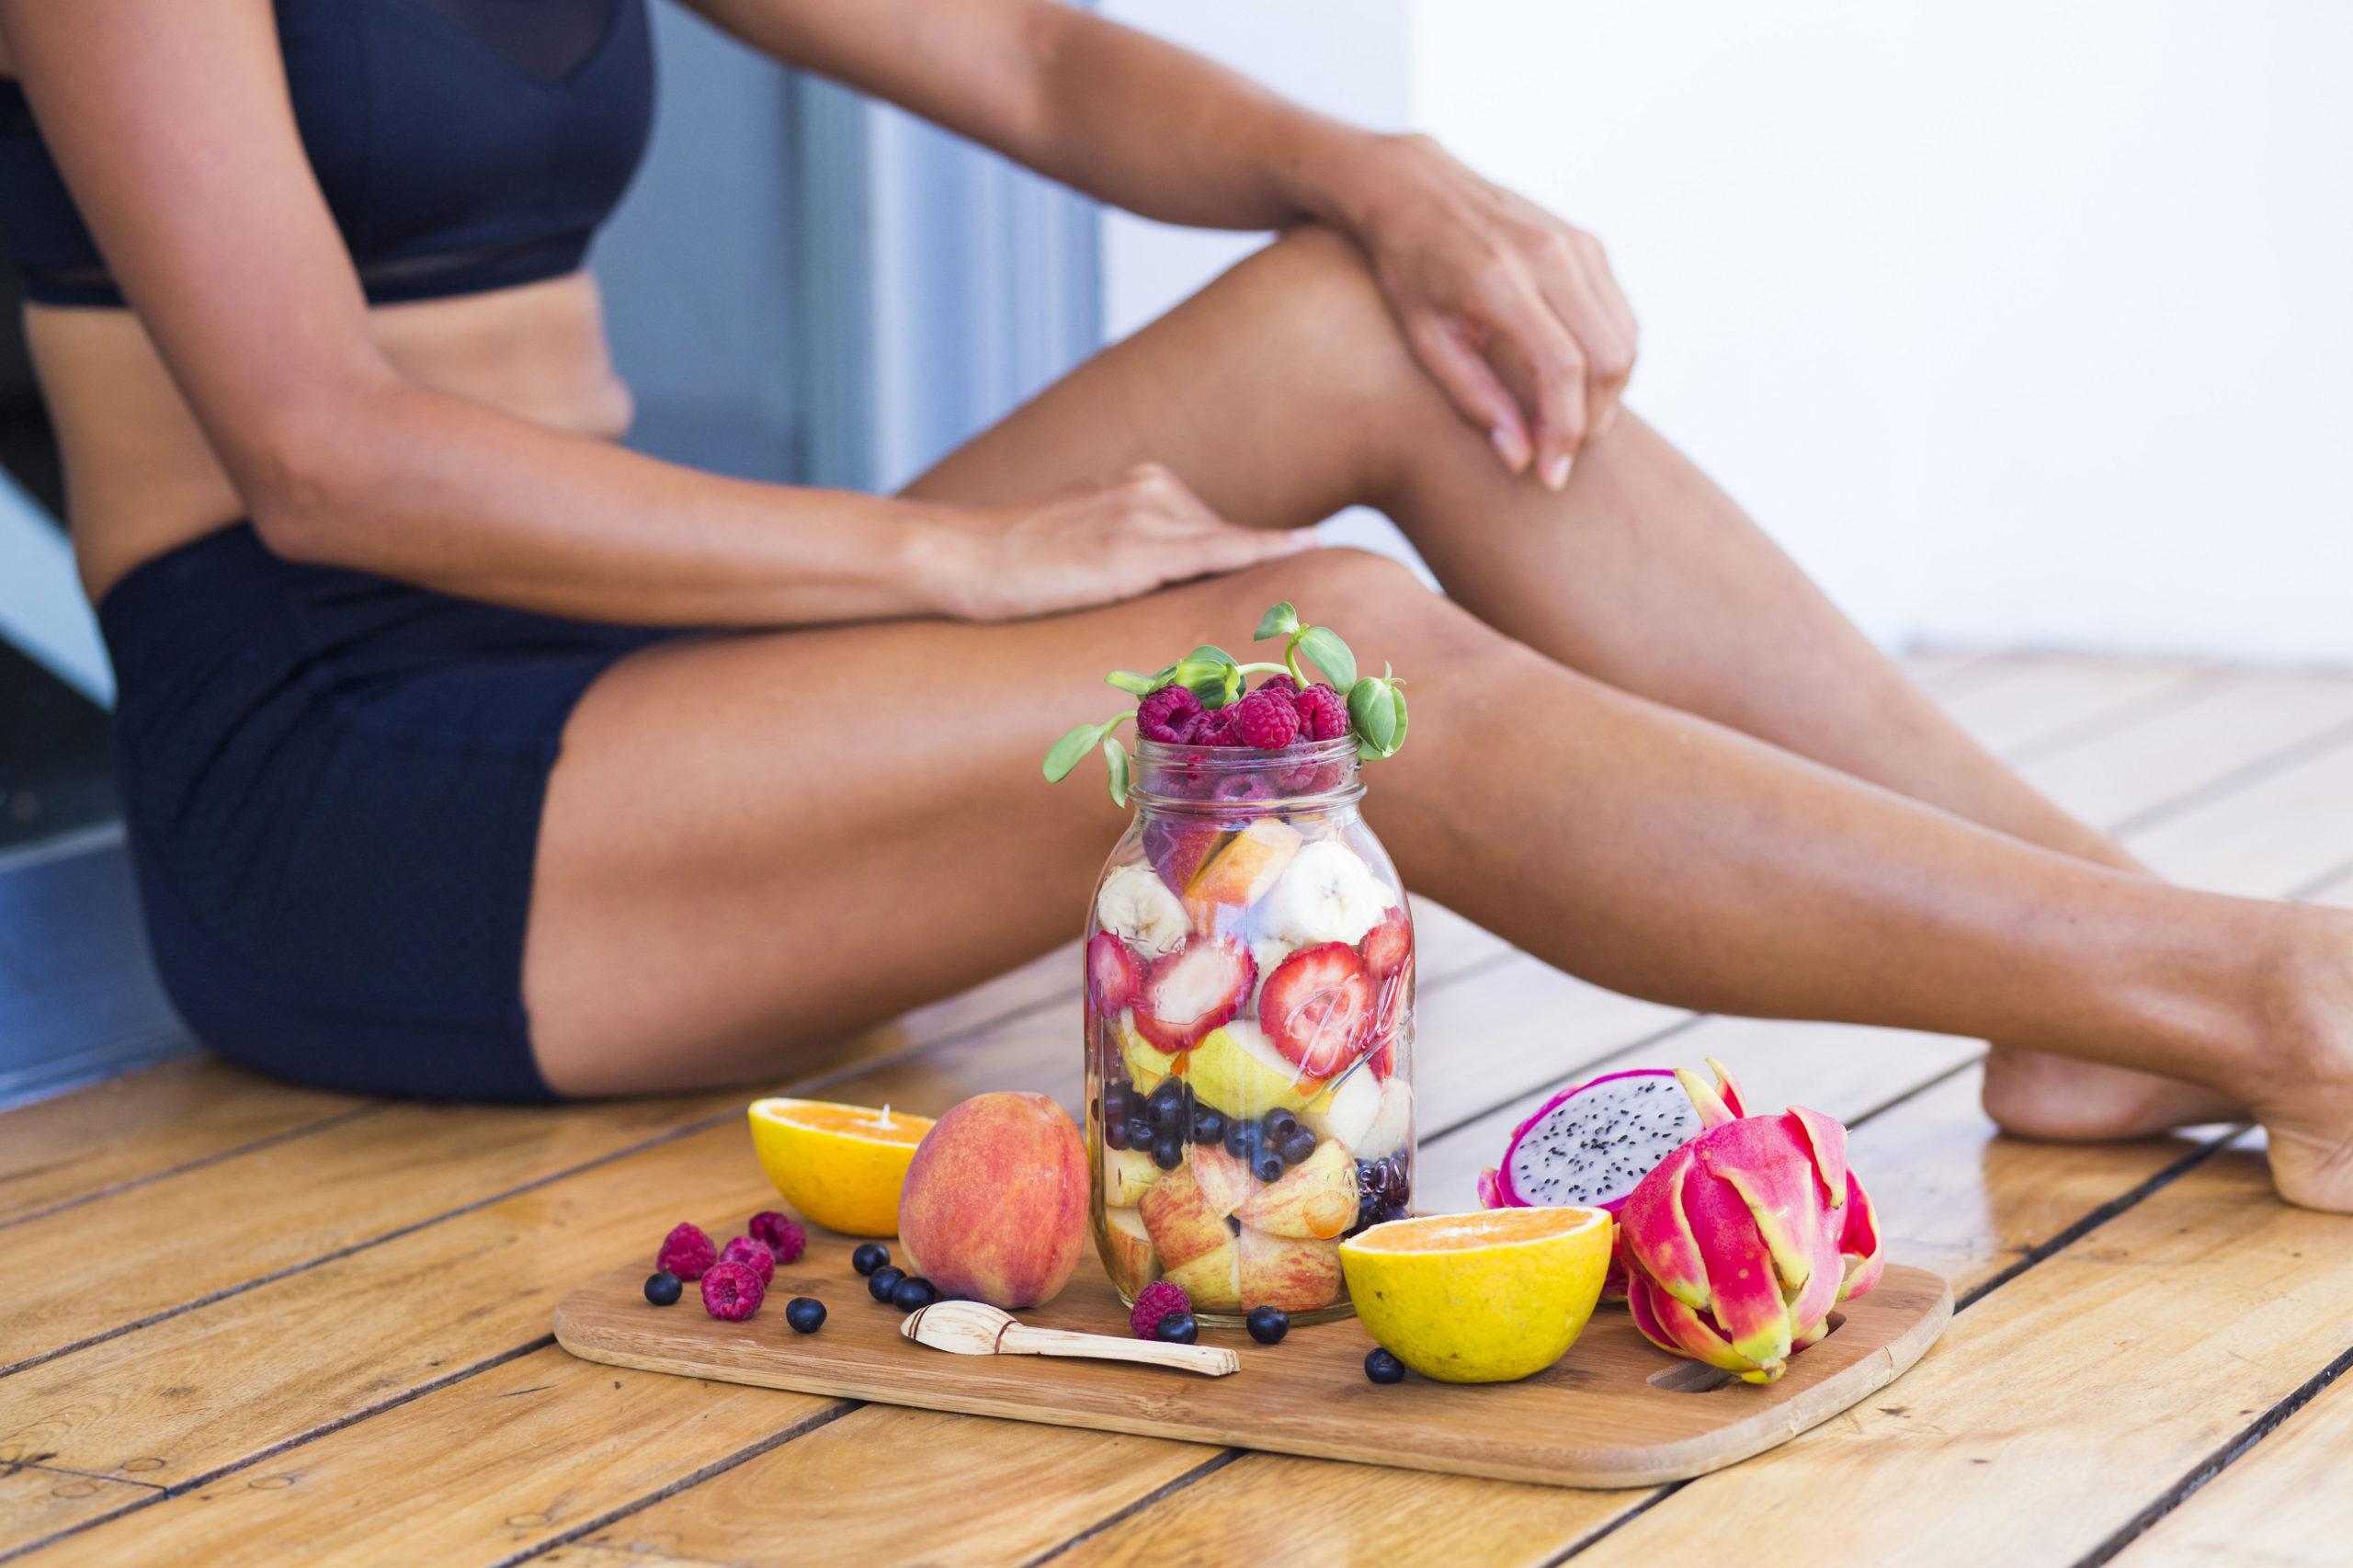 Gemüse und Obst für eine gesunde Ernährung